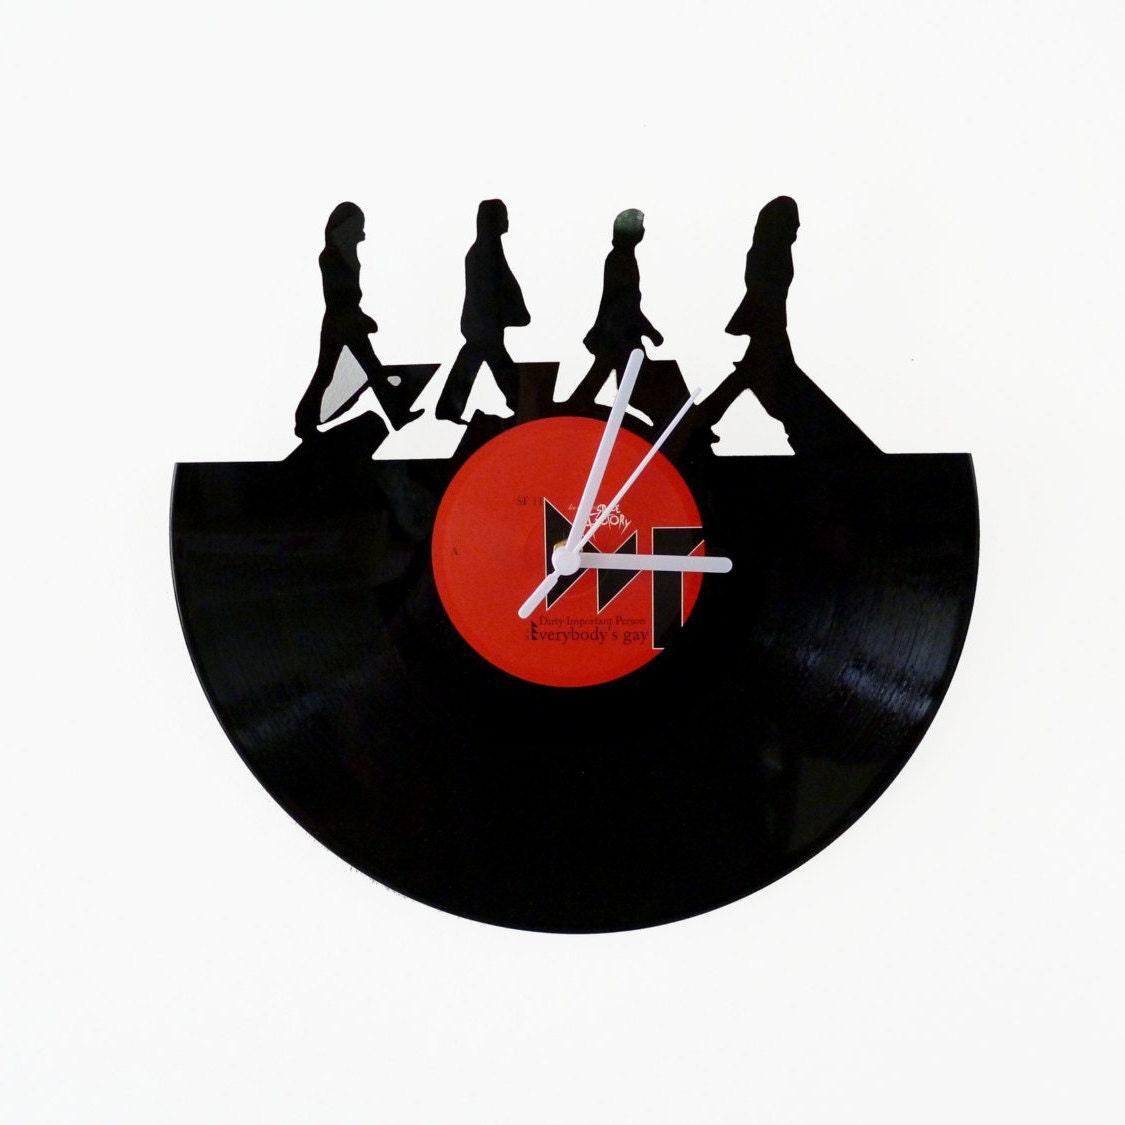 Horloge vinyle Beatles, Abbey Road